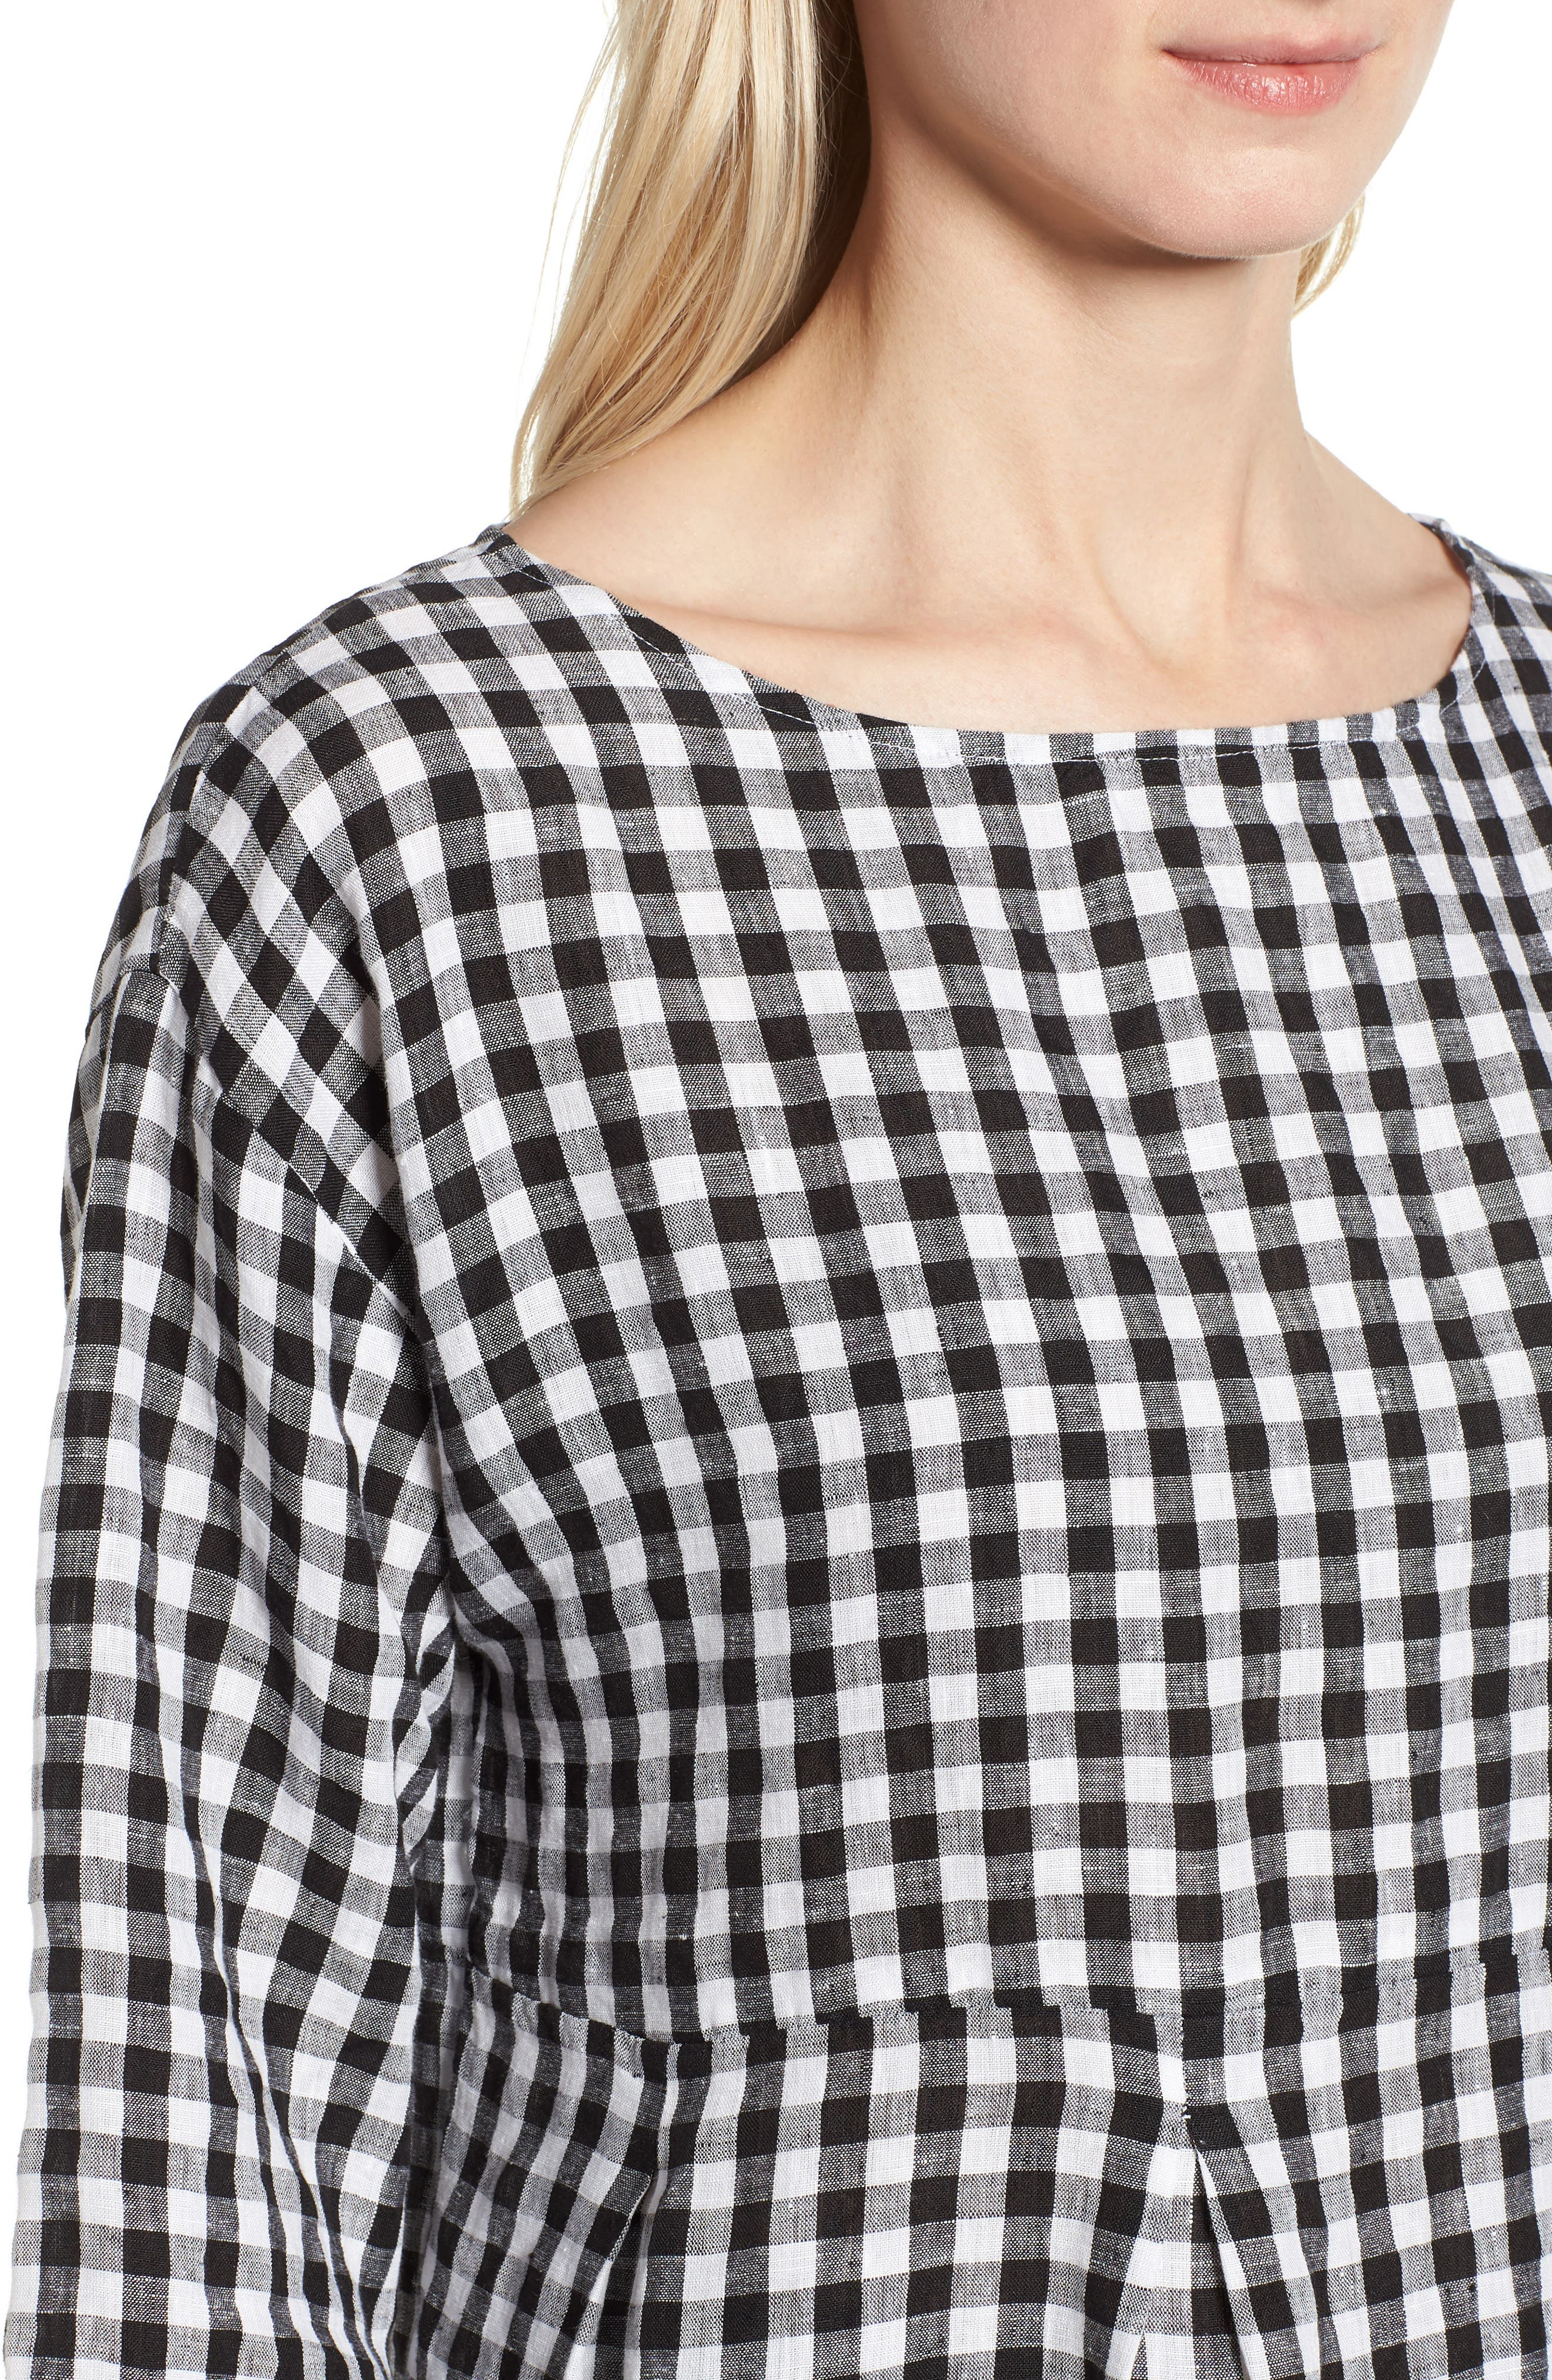 Gingham Organic Linen Top,                             Alternate thumbnail 4, color,                             Black/ White